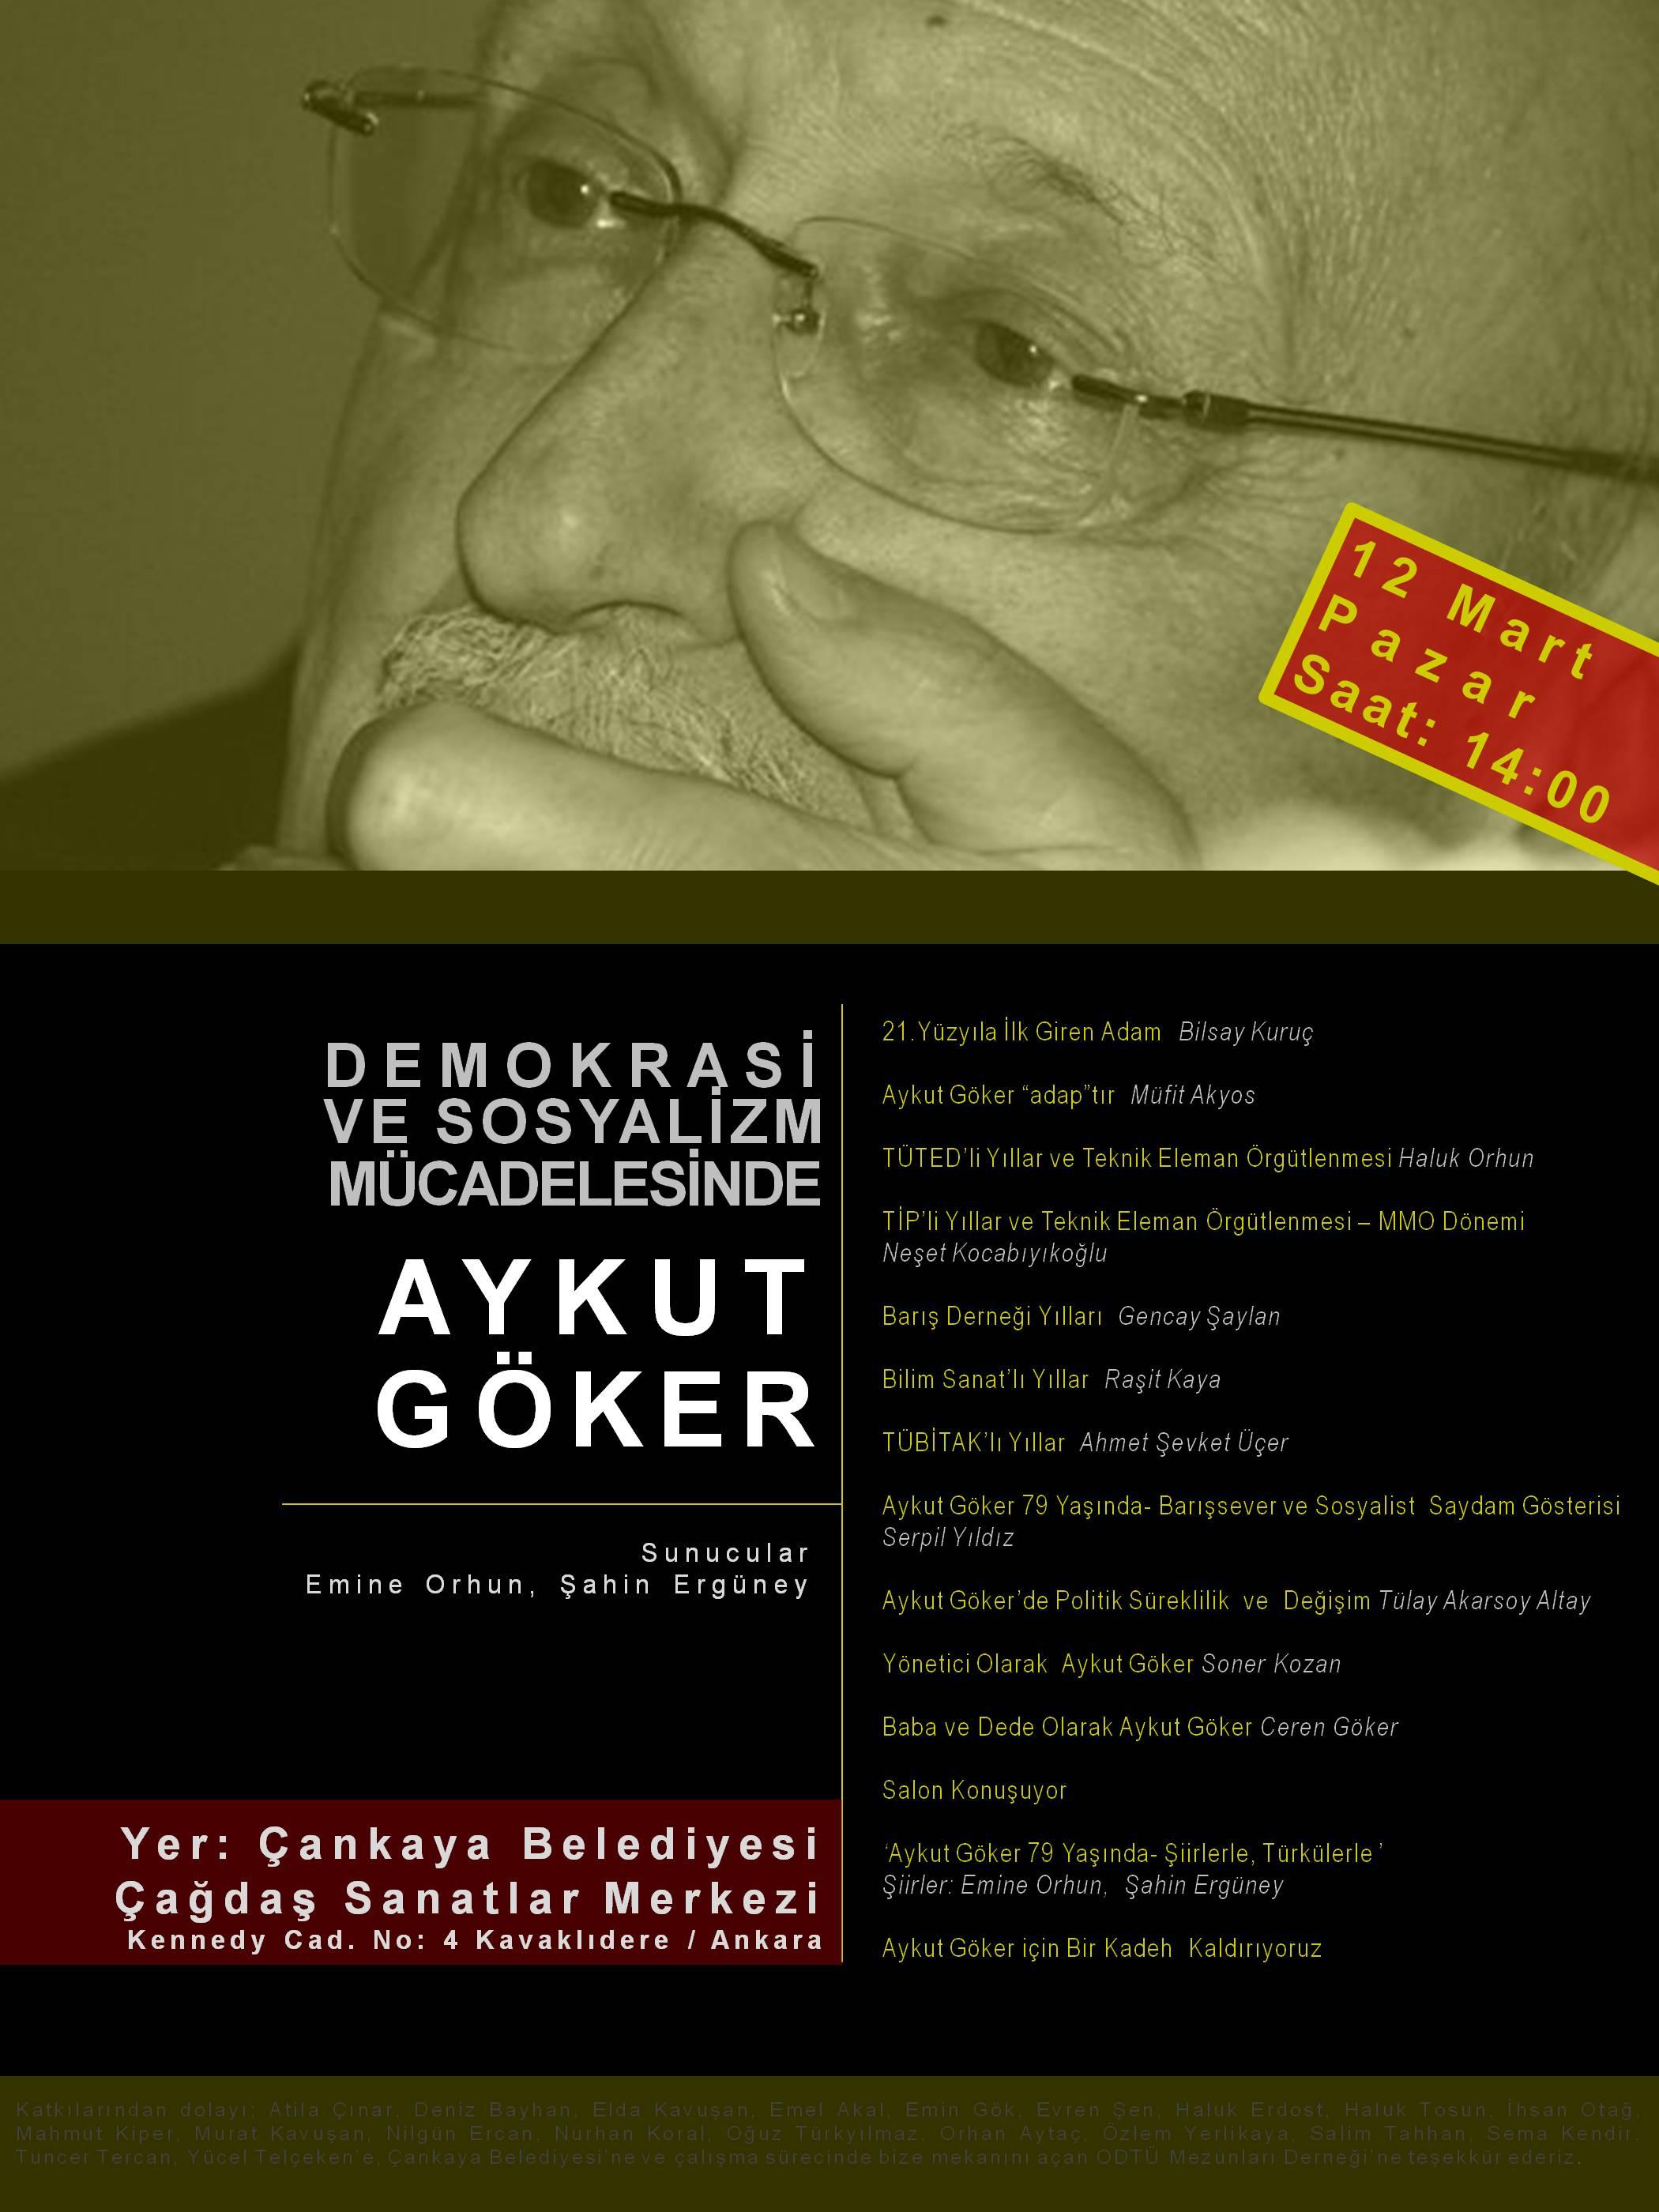 Aykut Goker Afis